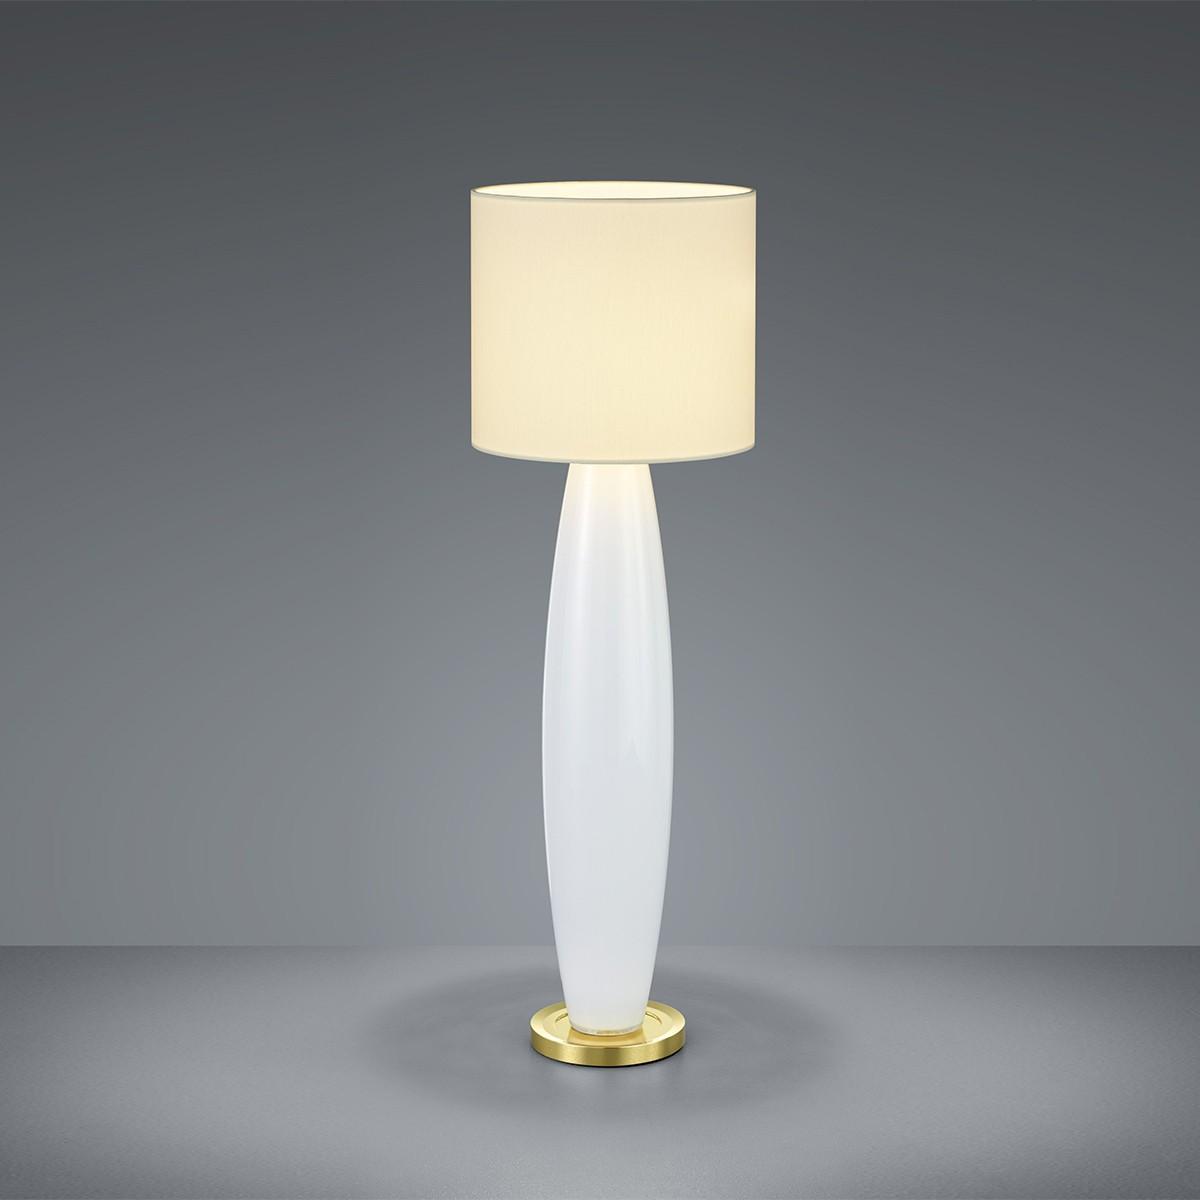 Bankamp Venice Tischleuchte, Höhe: 46 cm, Glas opalweiß / Messing blank